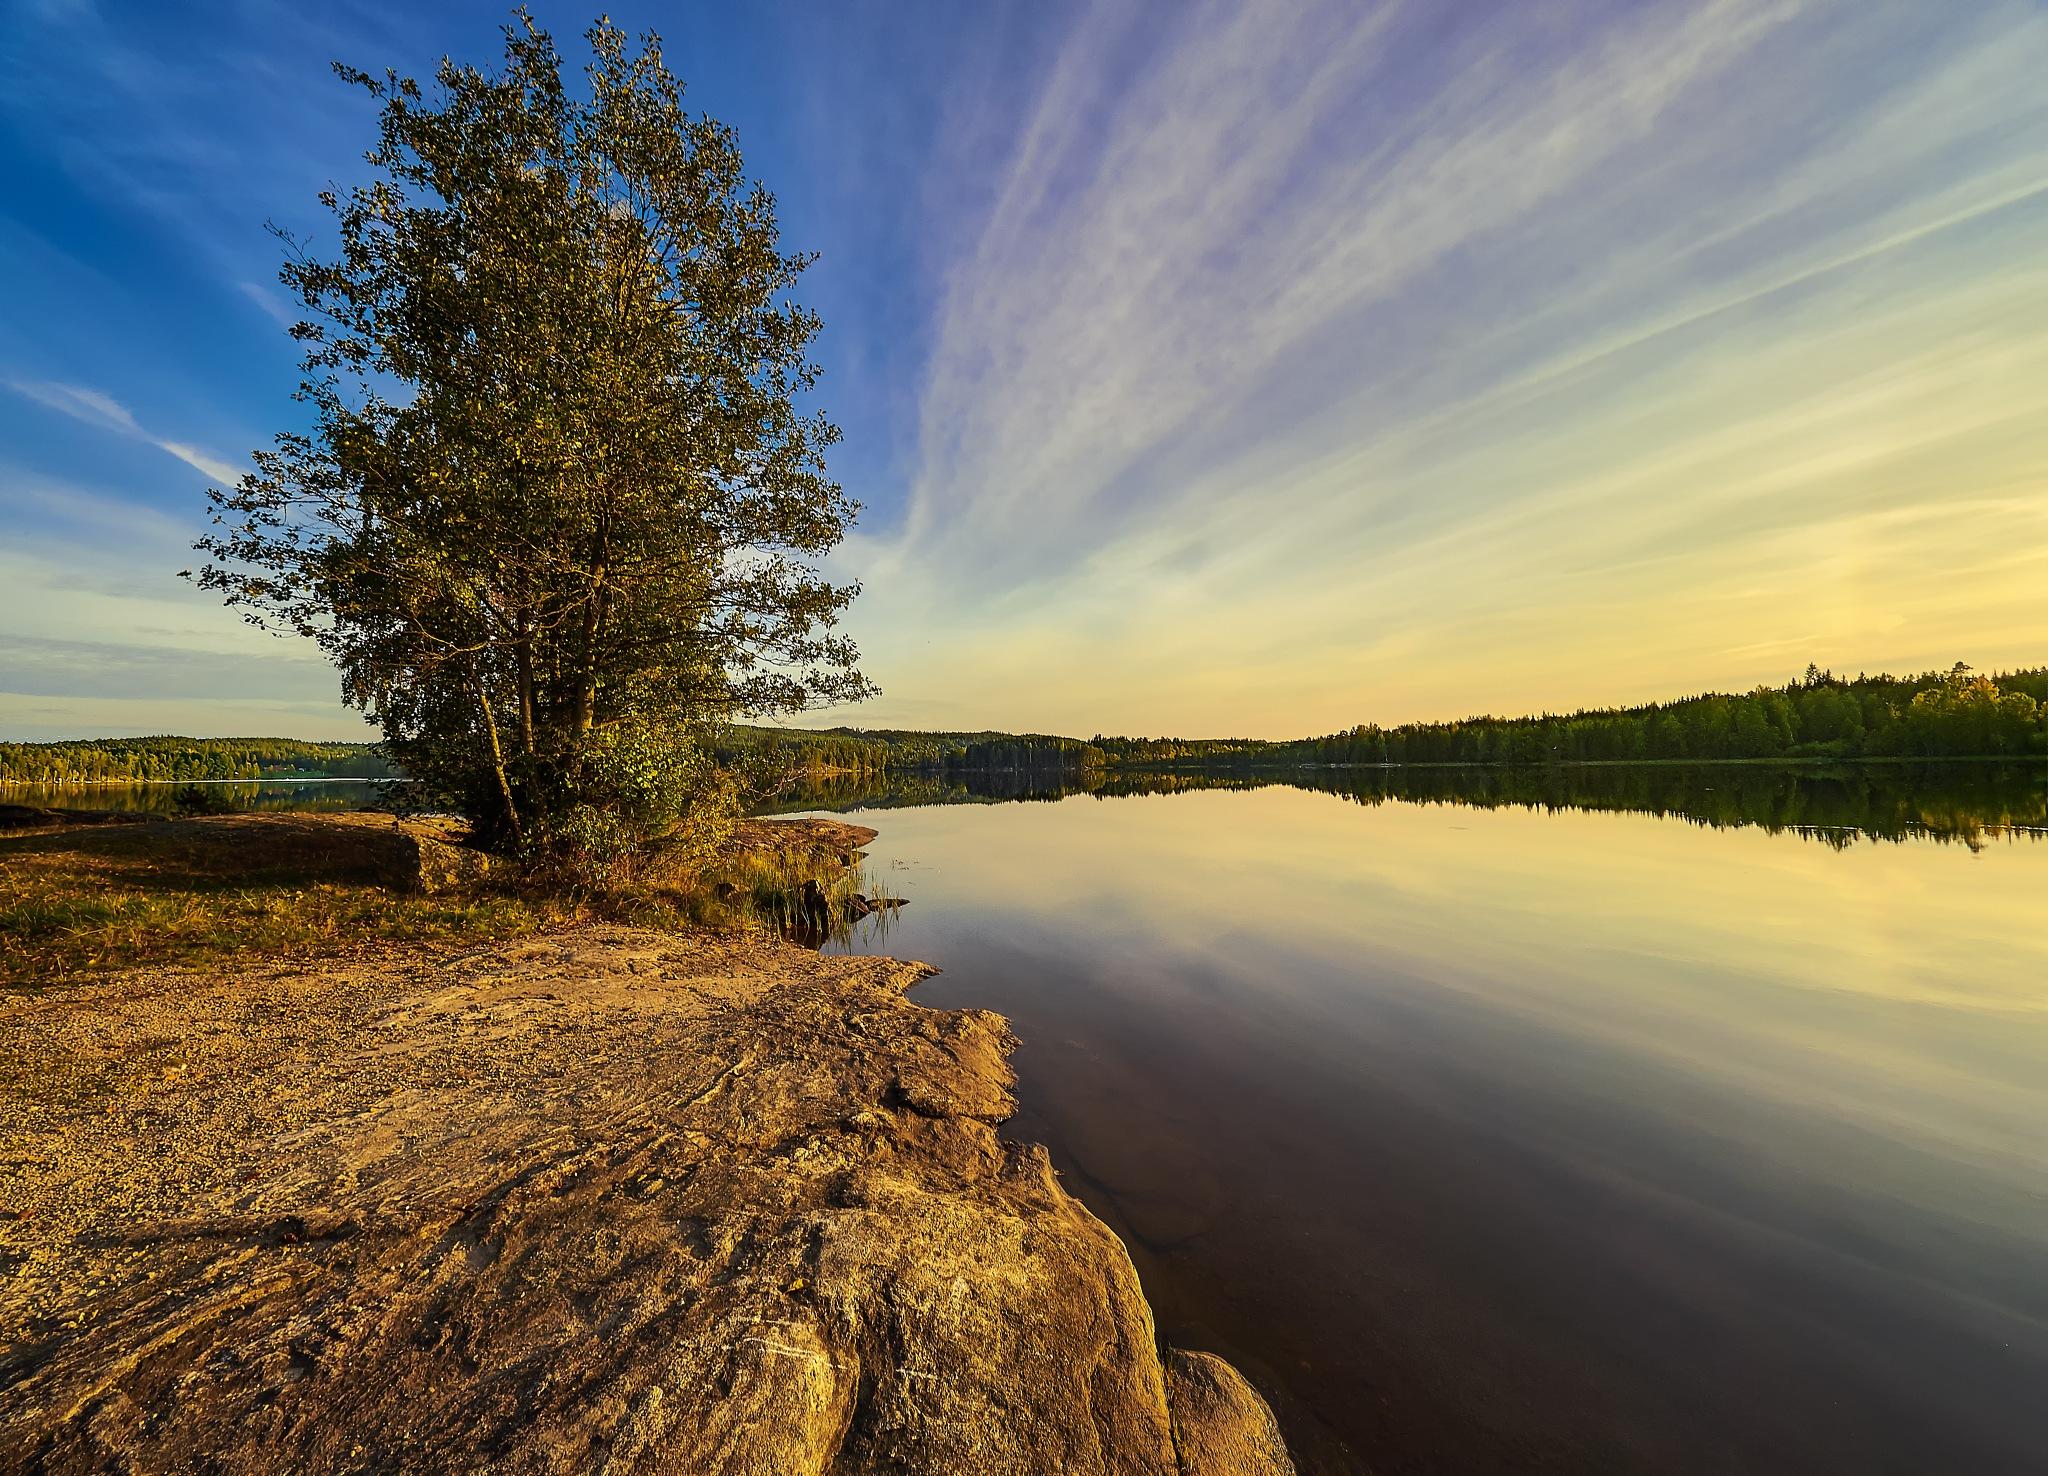 September sunset. by tlovh